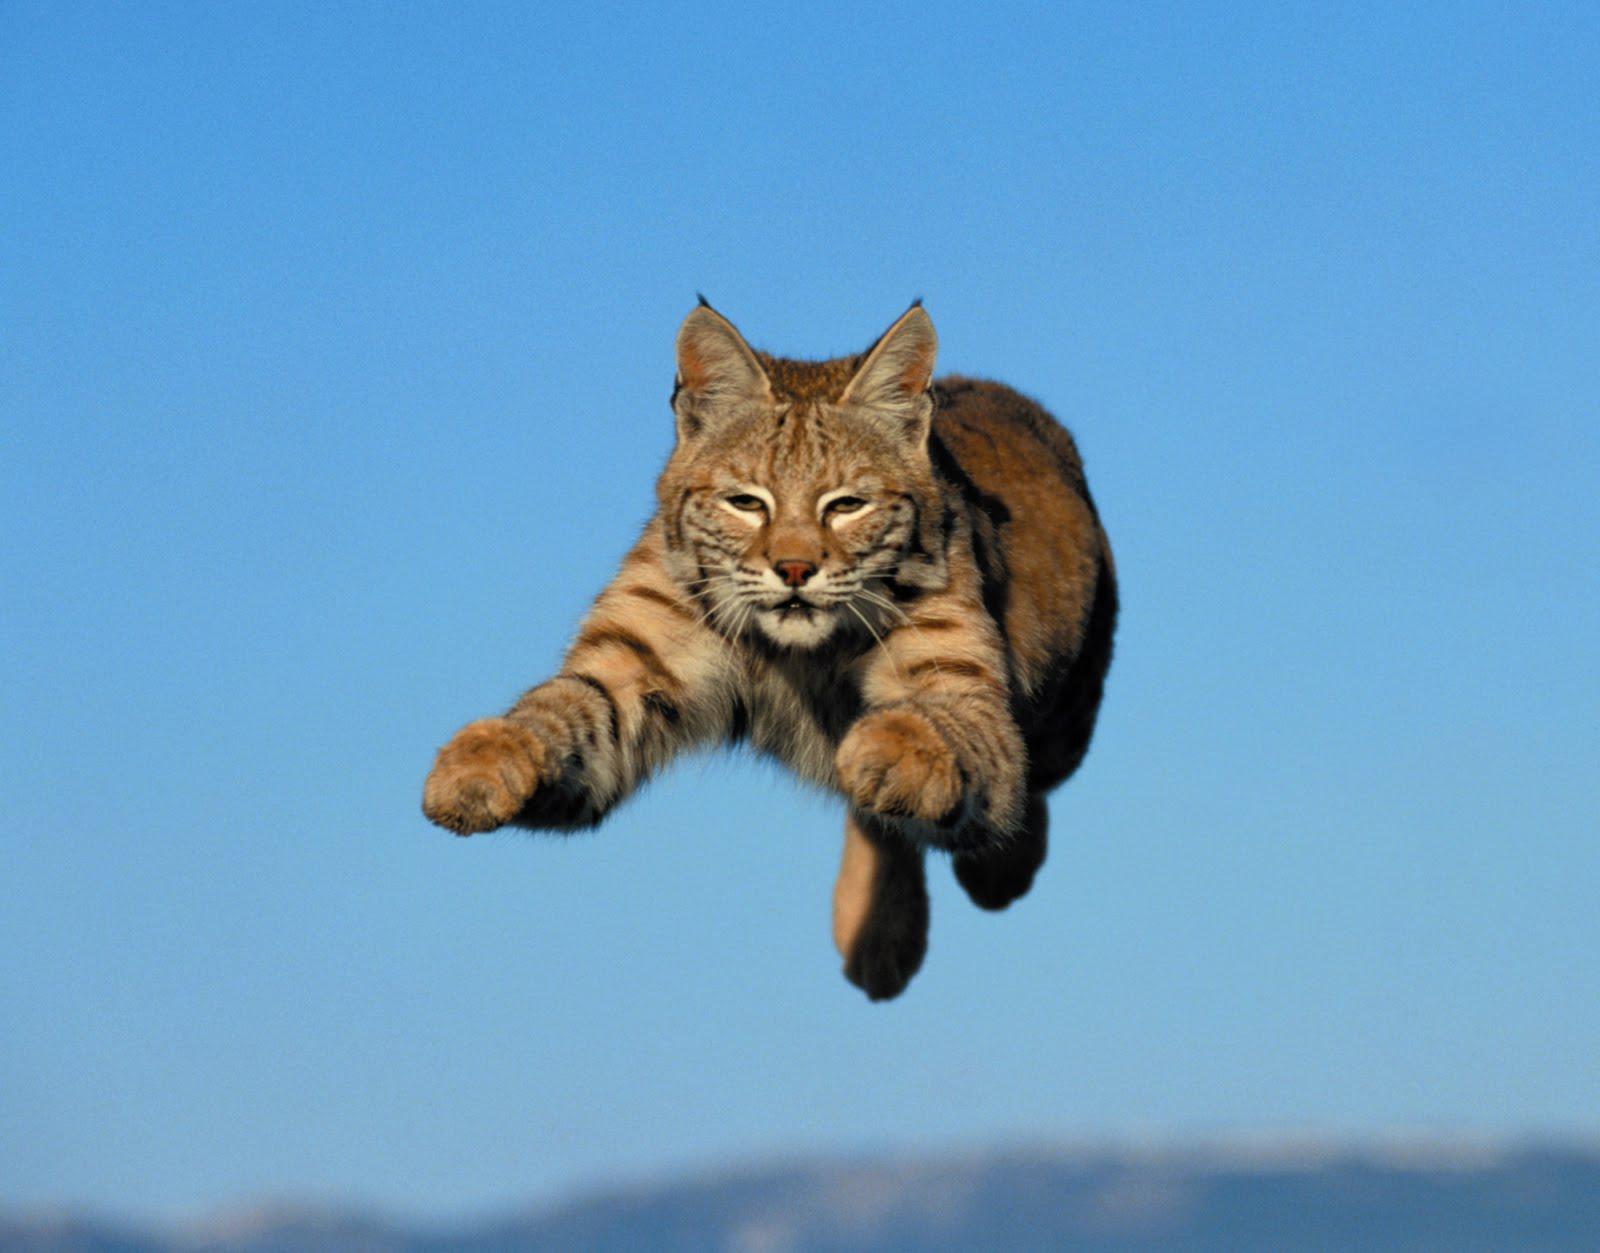 http://2.bp.blogspot.com/_izzD5qnVyWo/TIF17a6tPuI/AAAAAAAAFqs/DwRX33O4w5Q/s1600/wildcat.jpg